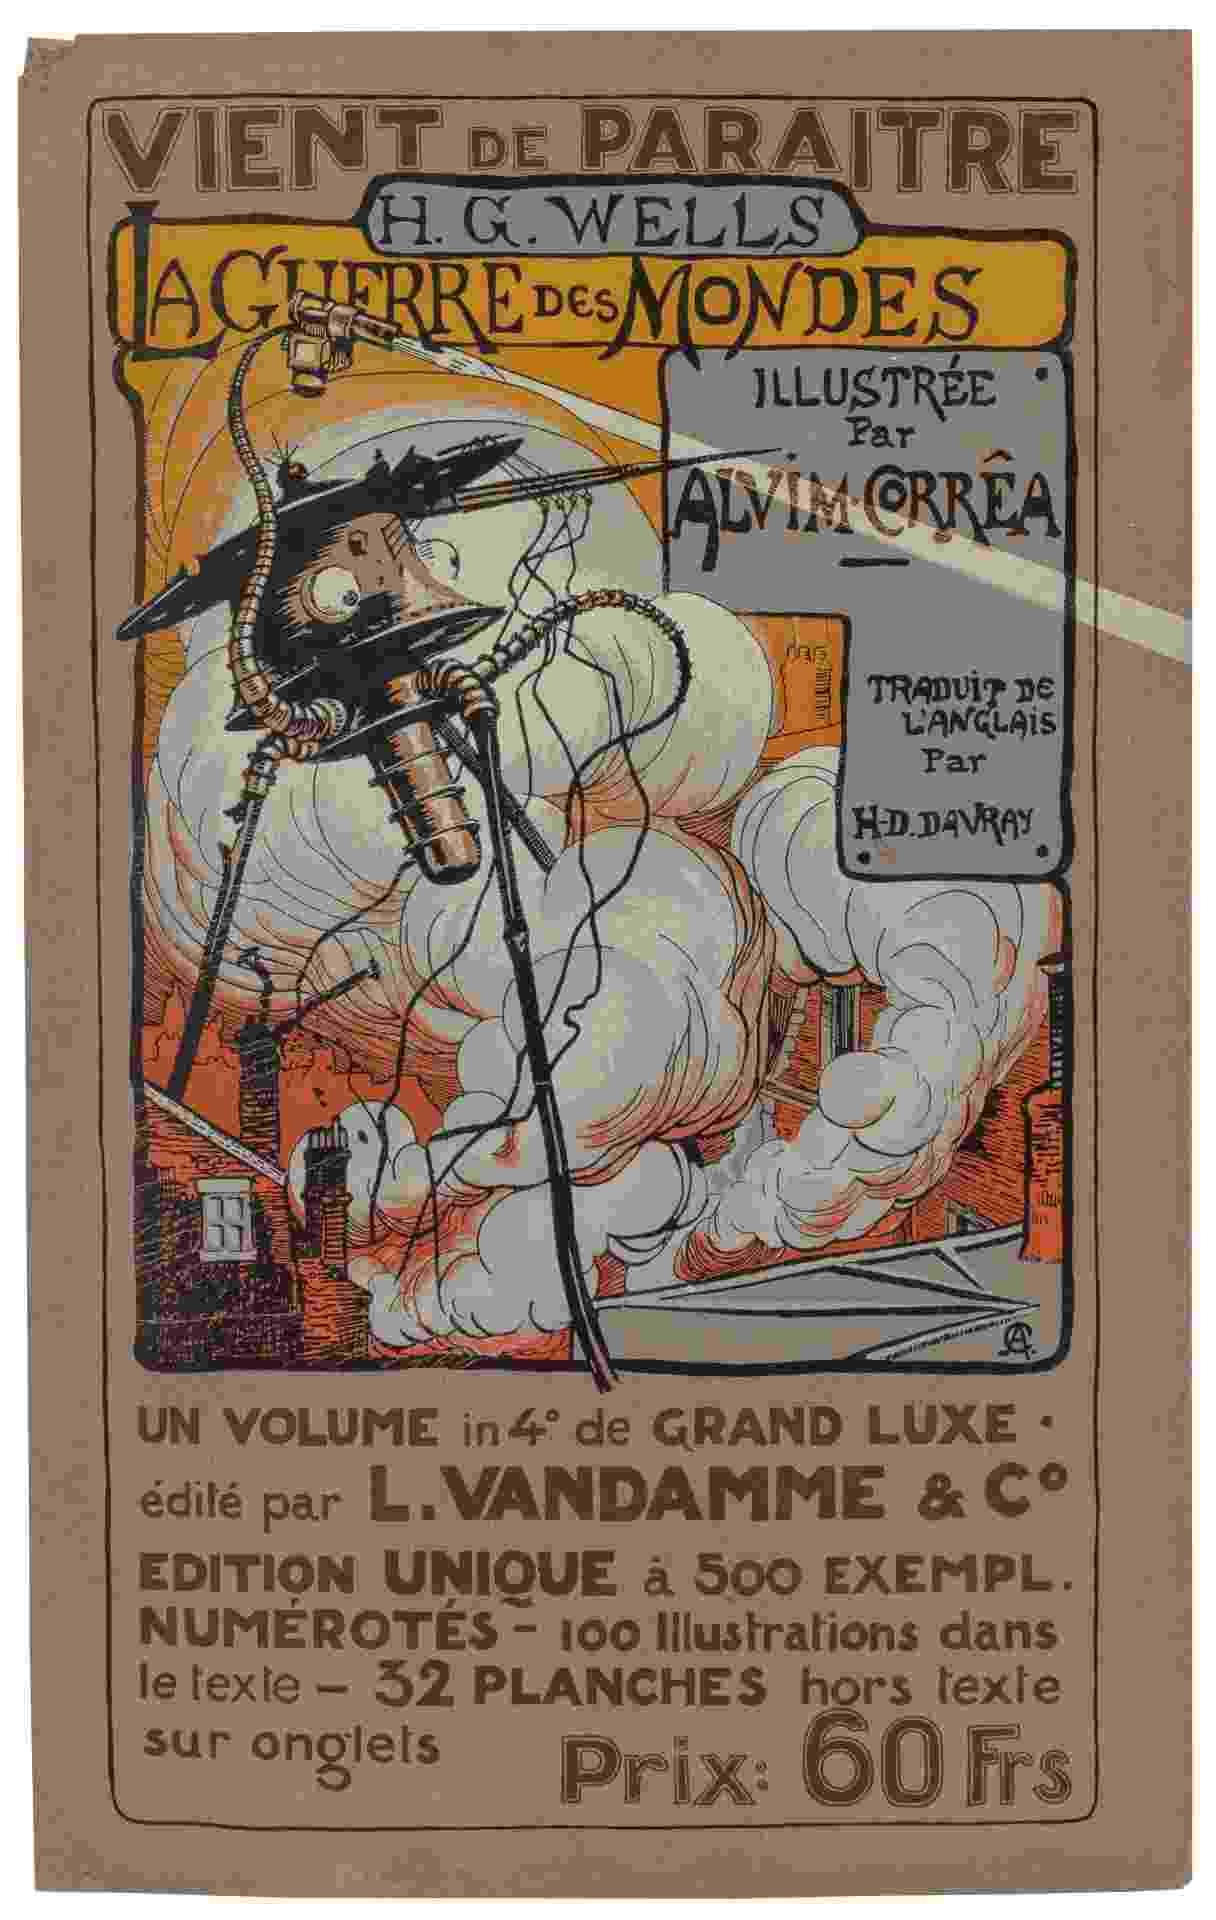 """Pôster promocional da edição belga do livro """"A Guerra dos Mundos"""", ilustrada pelo brasileiro Henrique Alvim Corrêa no início do século 20 - Reprodução"""